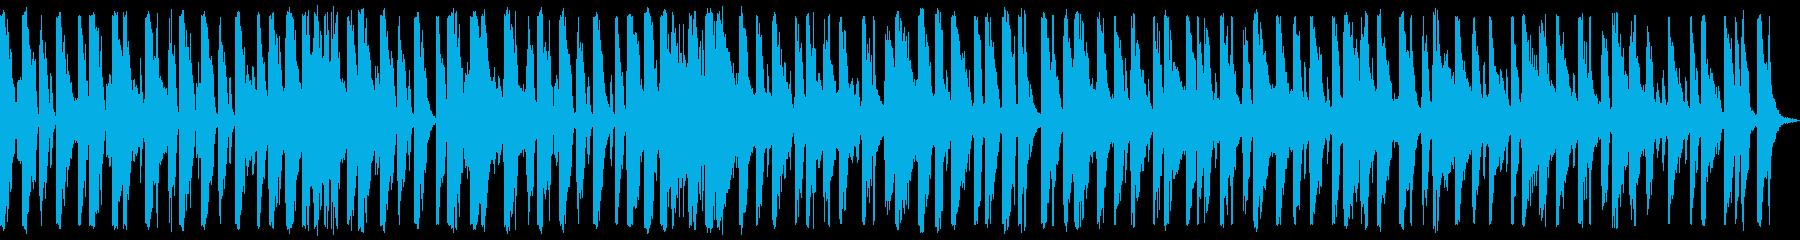 アップテンポ、緊急、ポップジャズの...の再生済みの波形